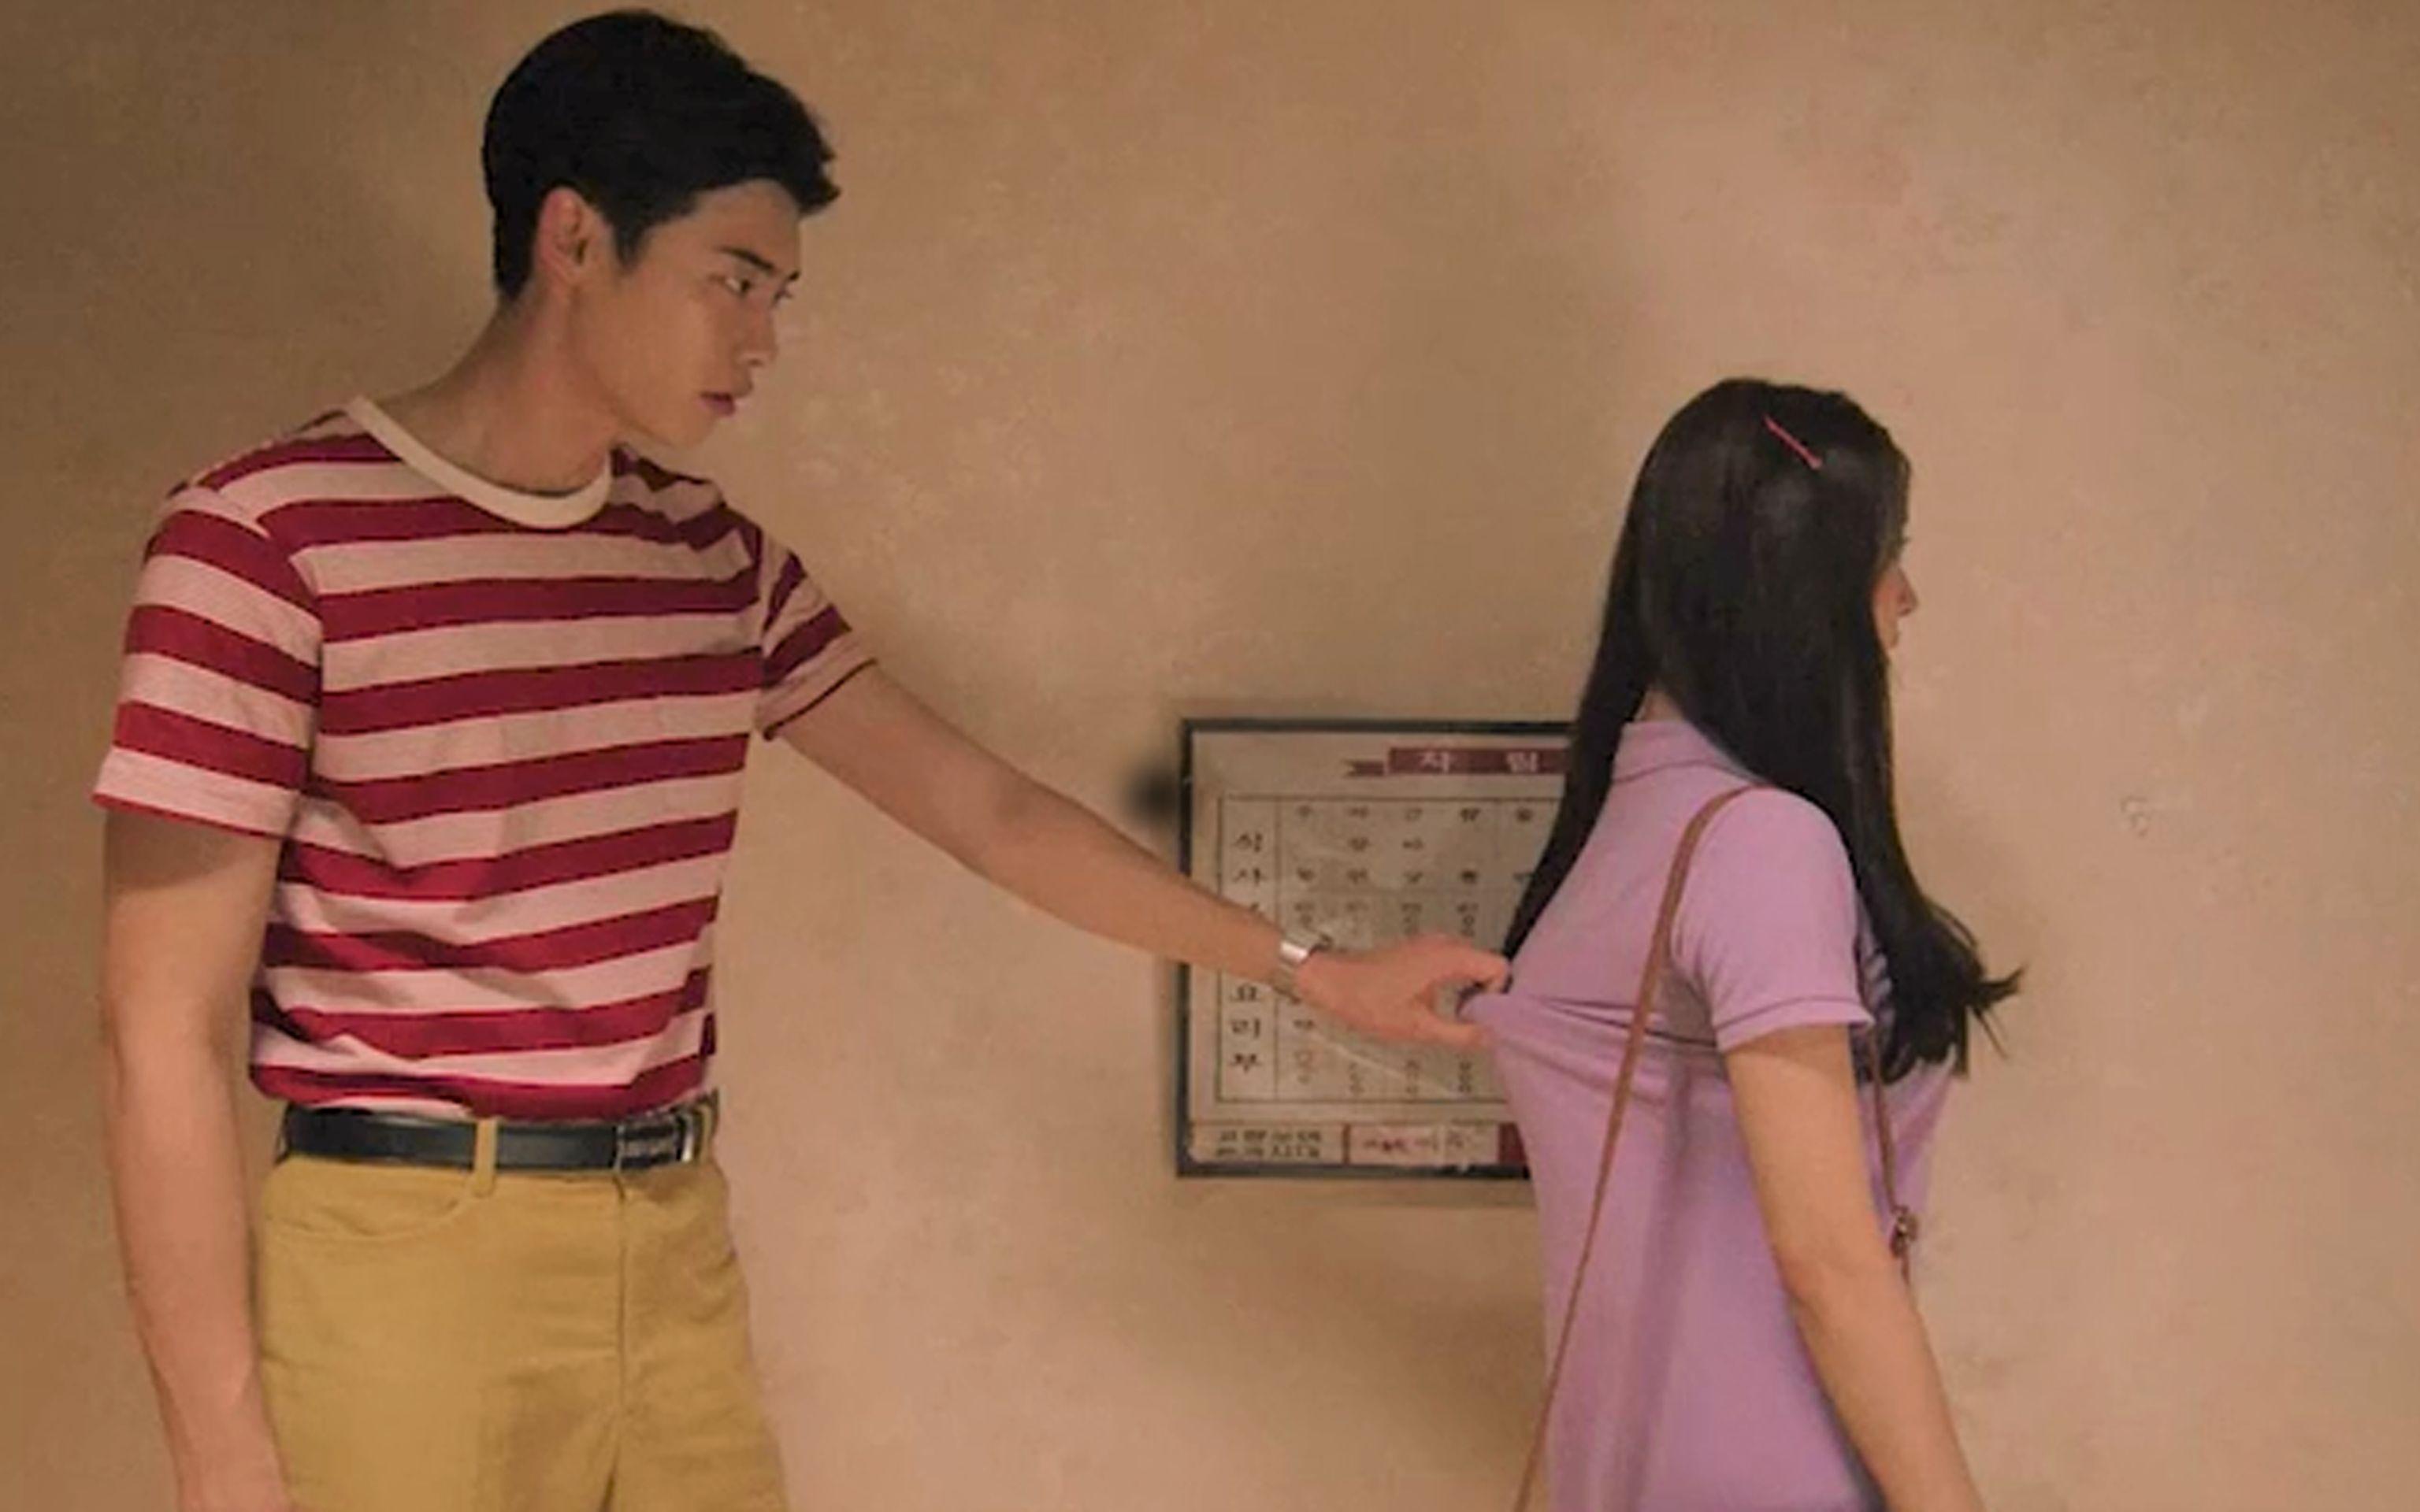 【渣姐】小伙子你拉着妹子的胸带,不放手,这是要干啥呢!韩国爱情喜剧《热血青春》